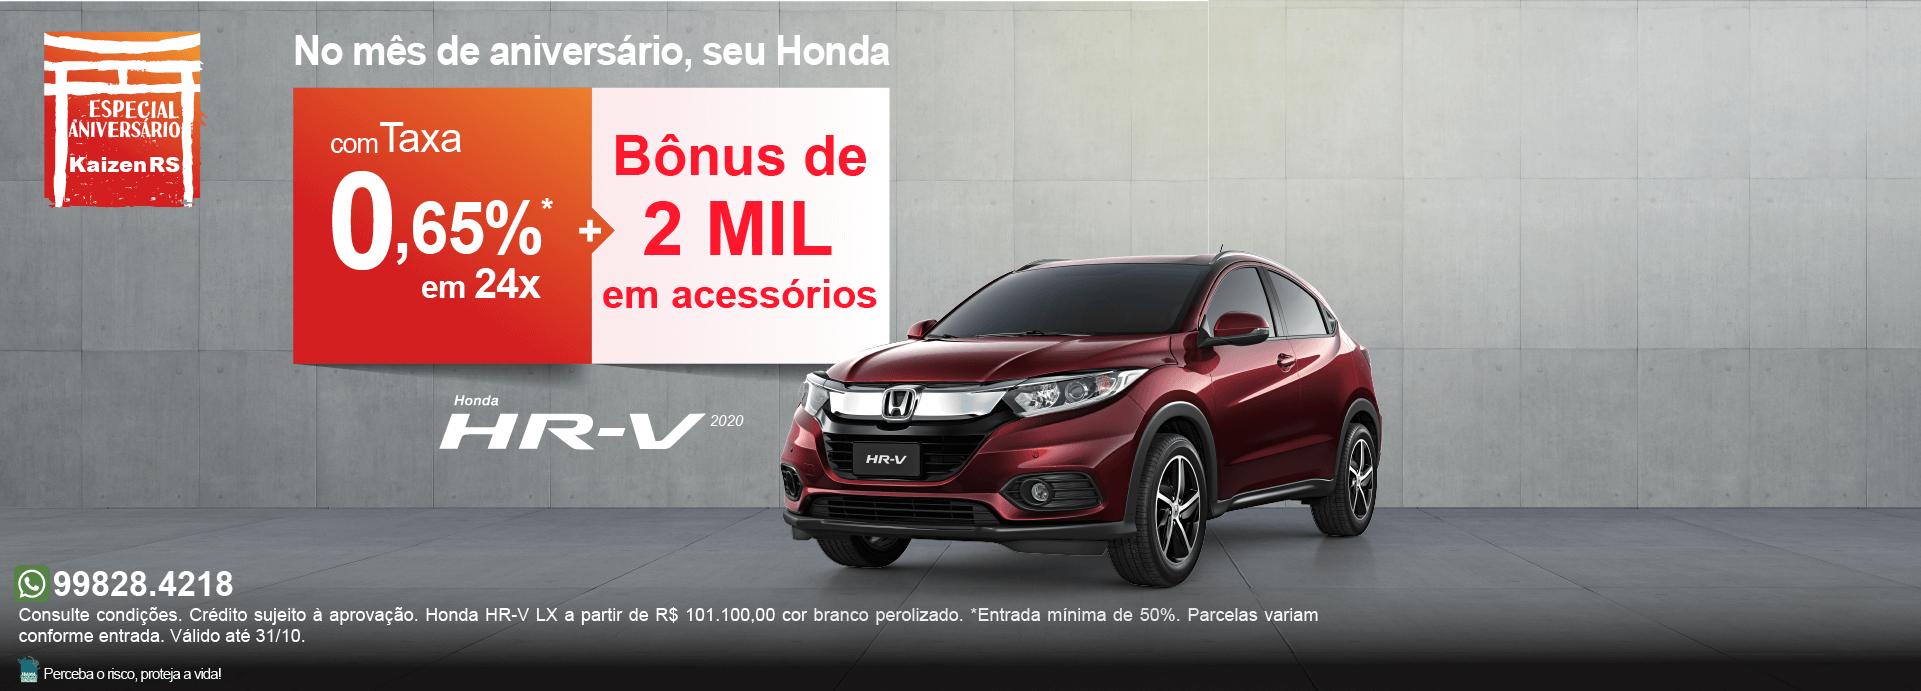 Campanha Honda HR-V